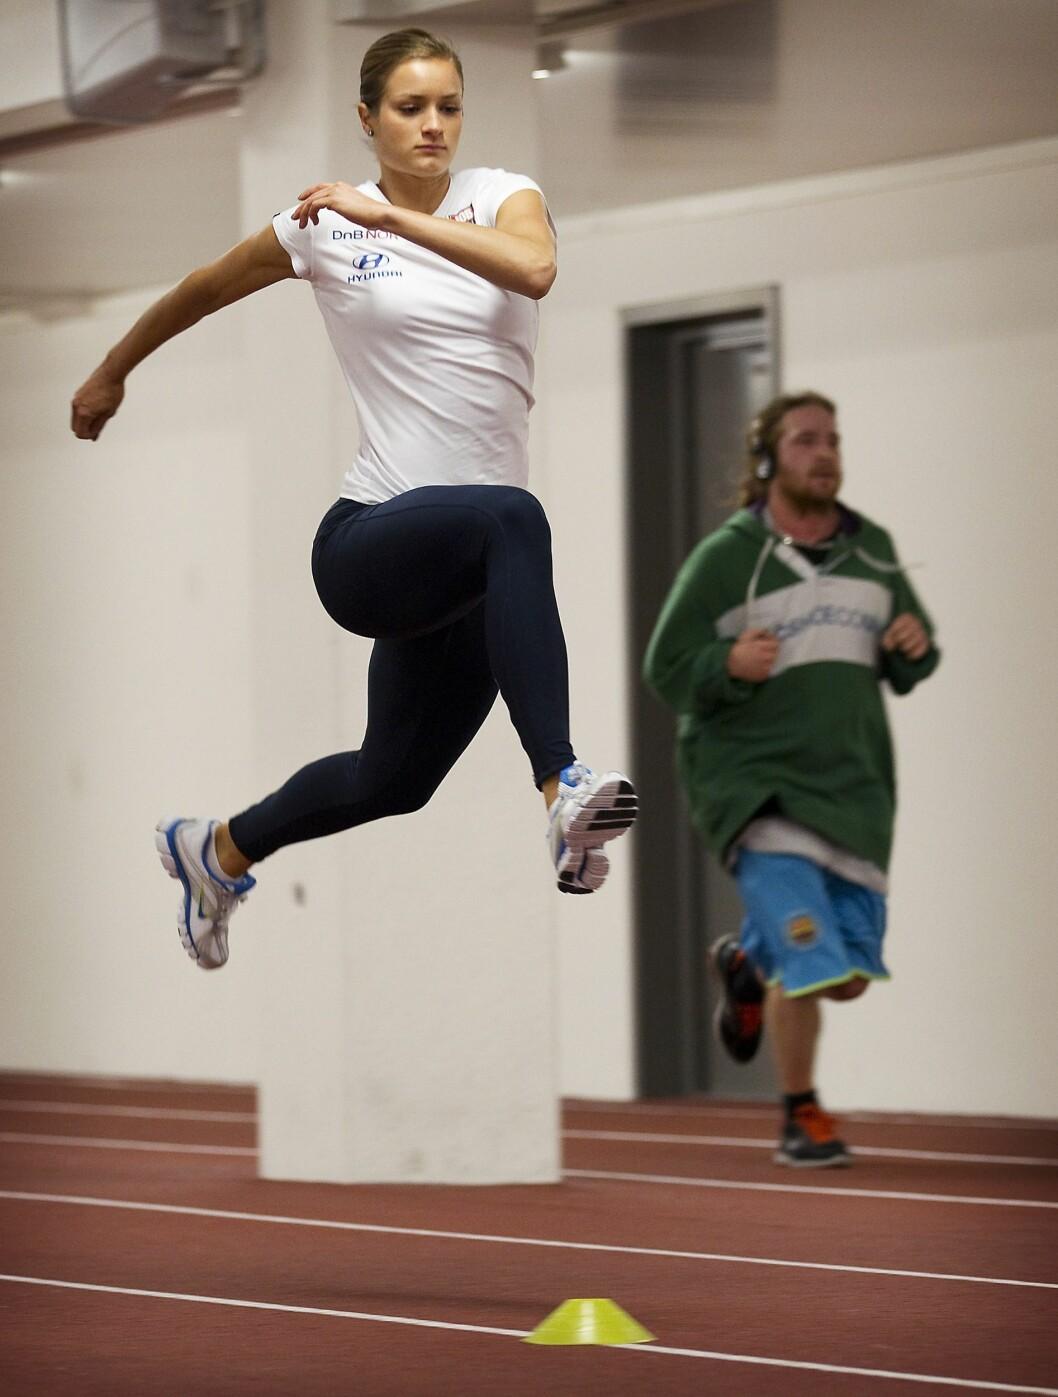 ET FORBILDE: Friidrettsstjernen Christina Vukicevic har en kropp de fleste bare kan drømme om, og som det ligger mange treningstimer bak. Dette bildet er fra Bislett Stadion i 2011. Foto: NTB Scanpix